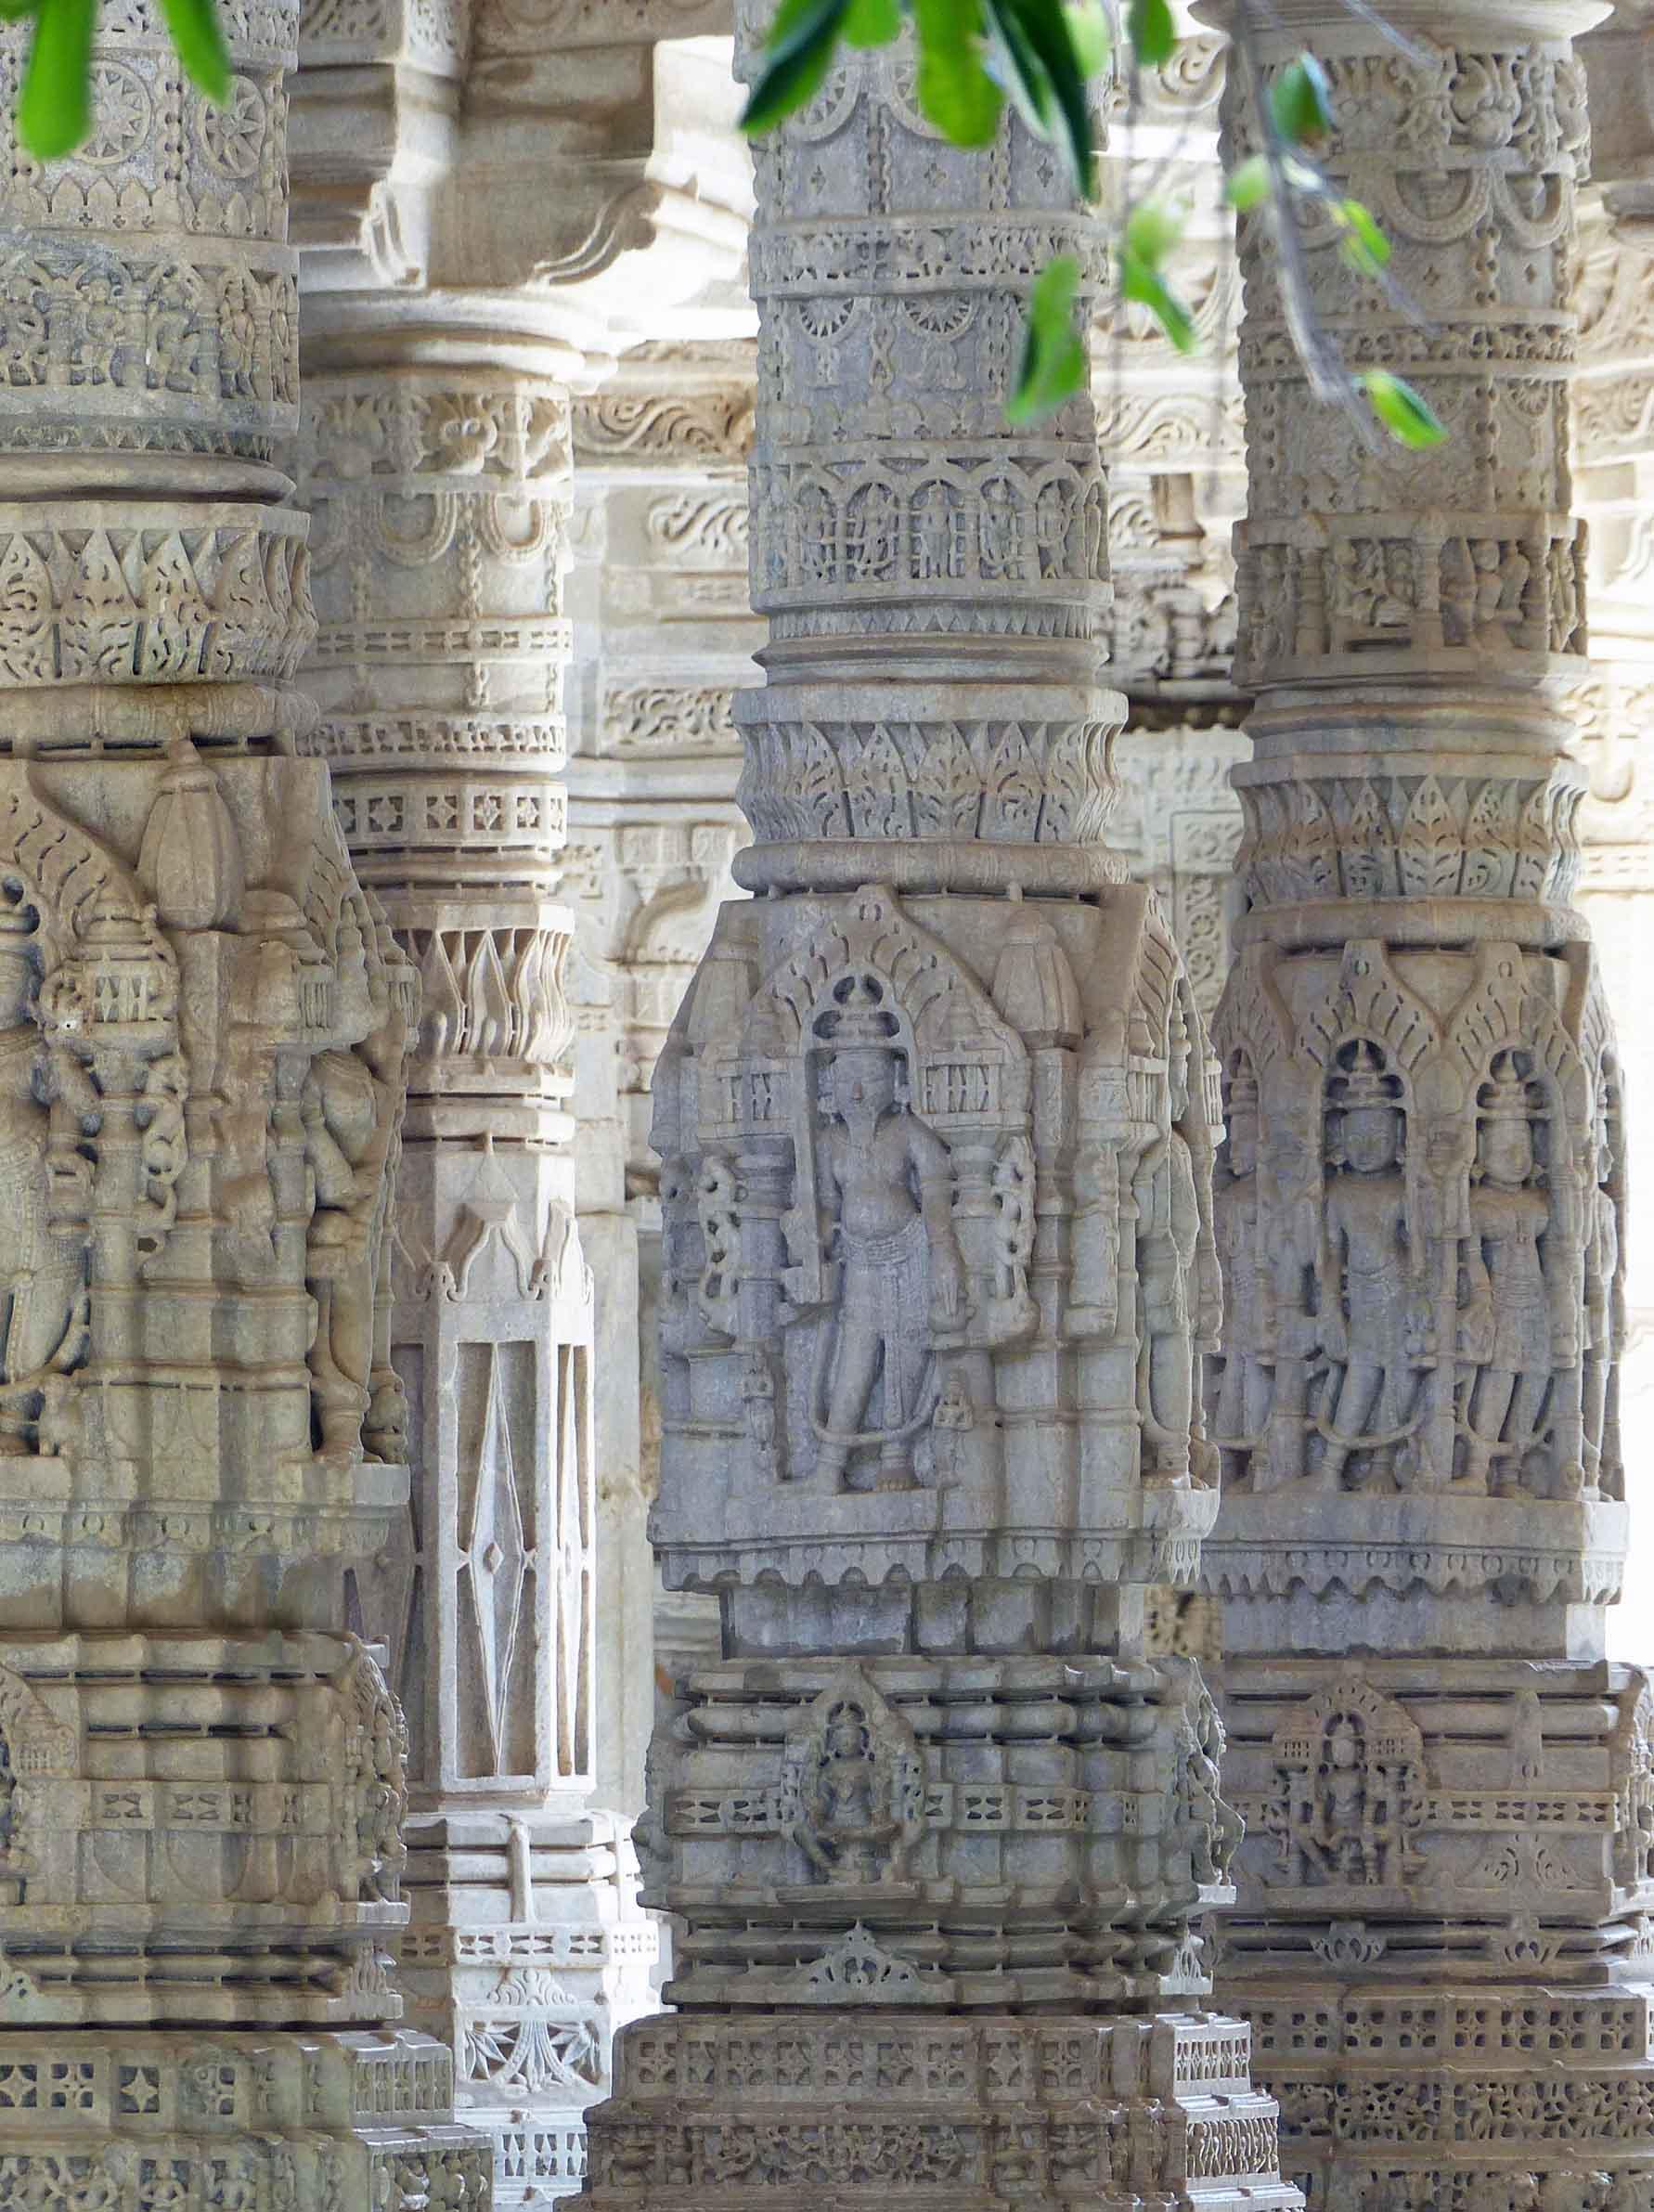 Ornate marble pillars